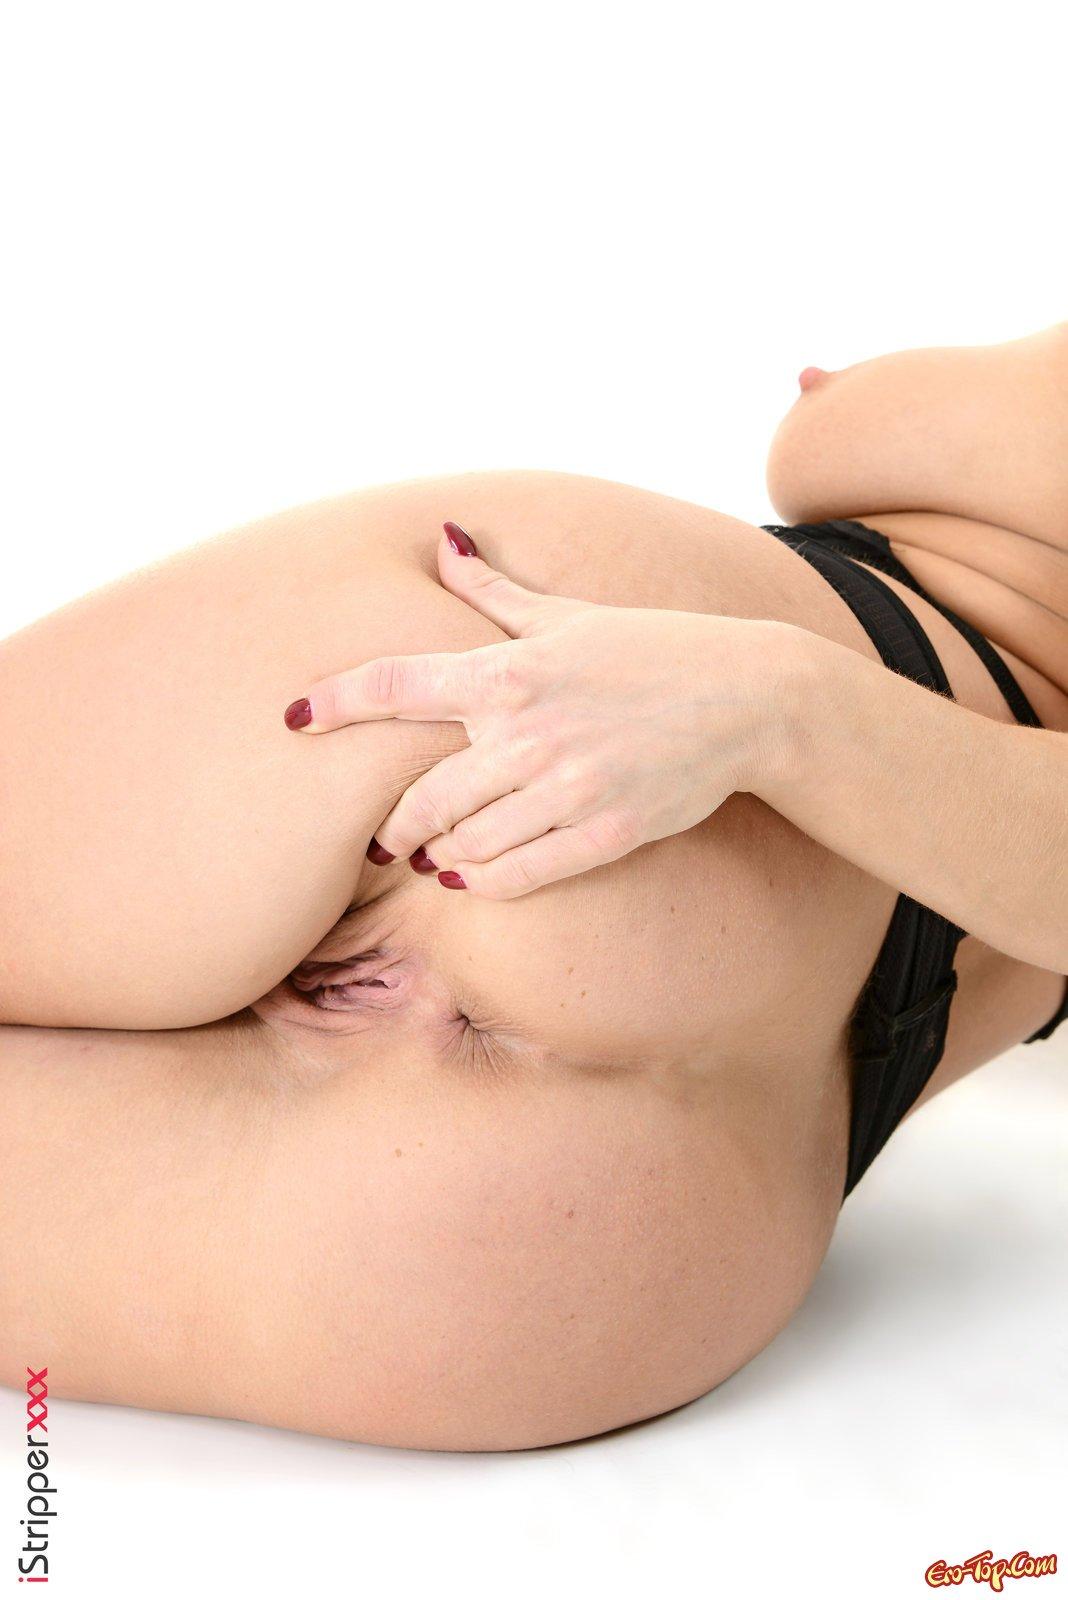 Симпатичная woman в эротическом белье разделась на камеру